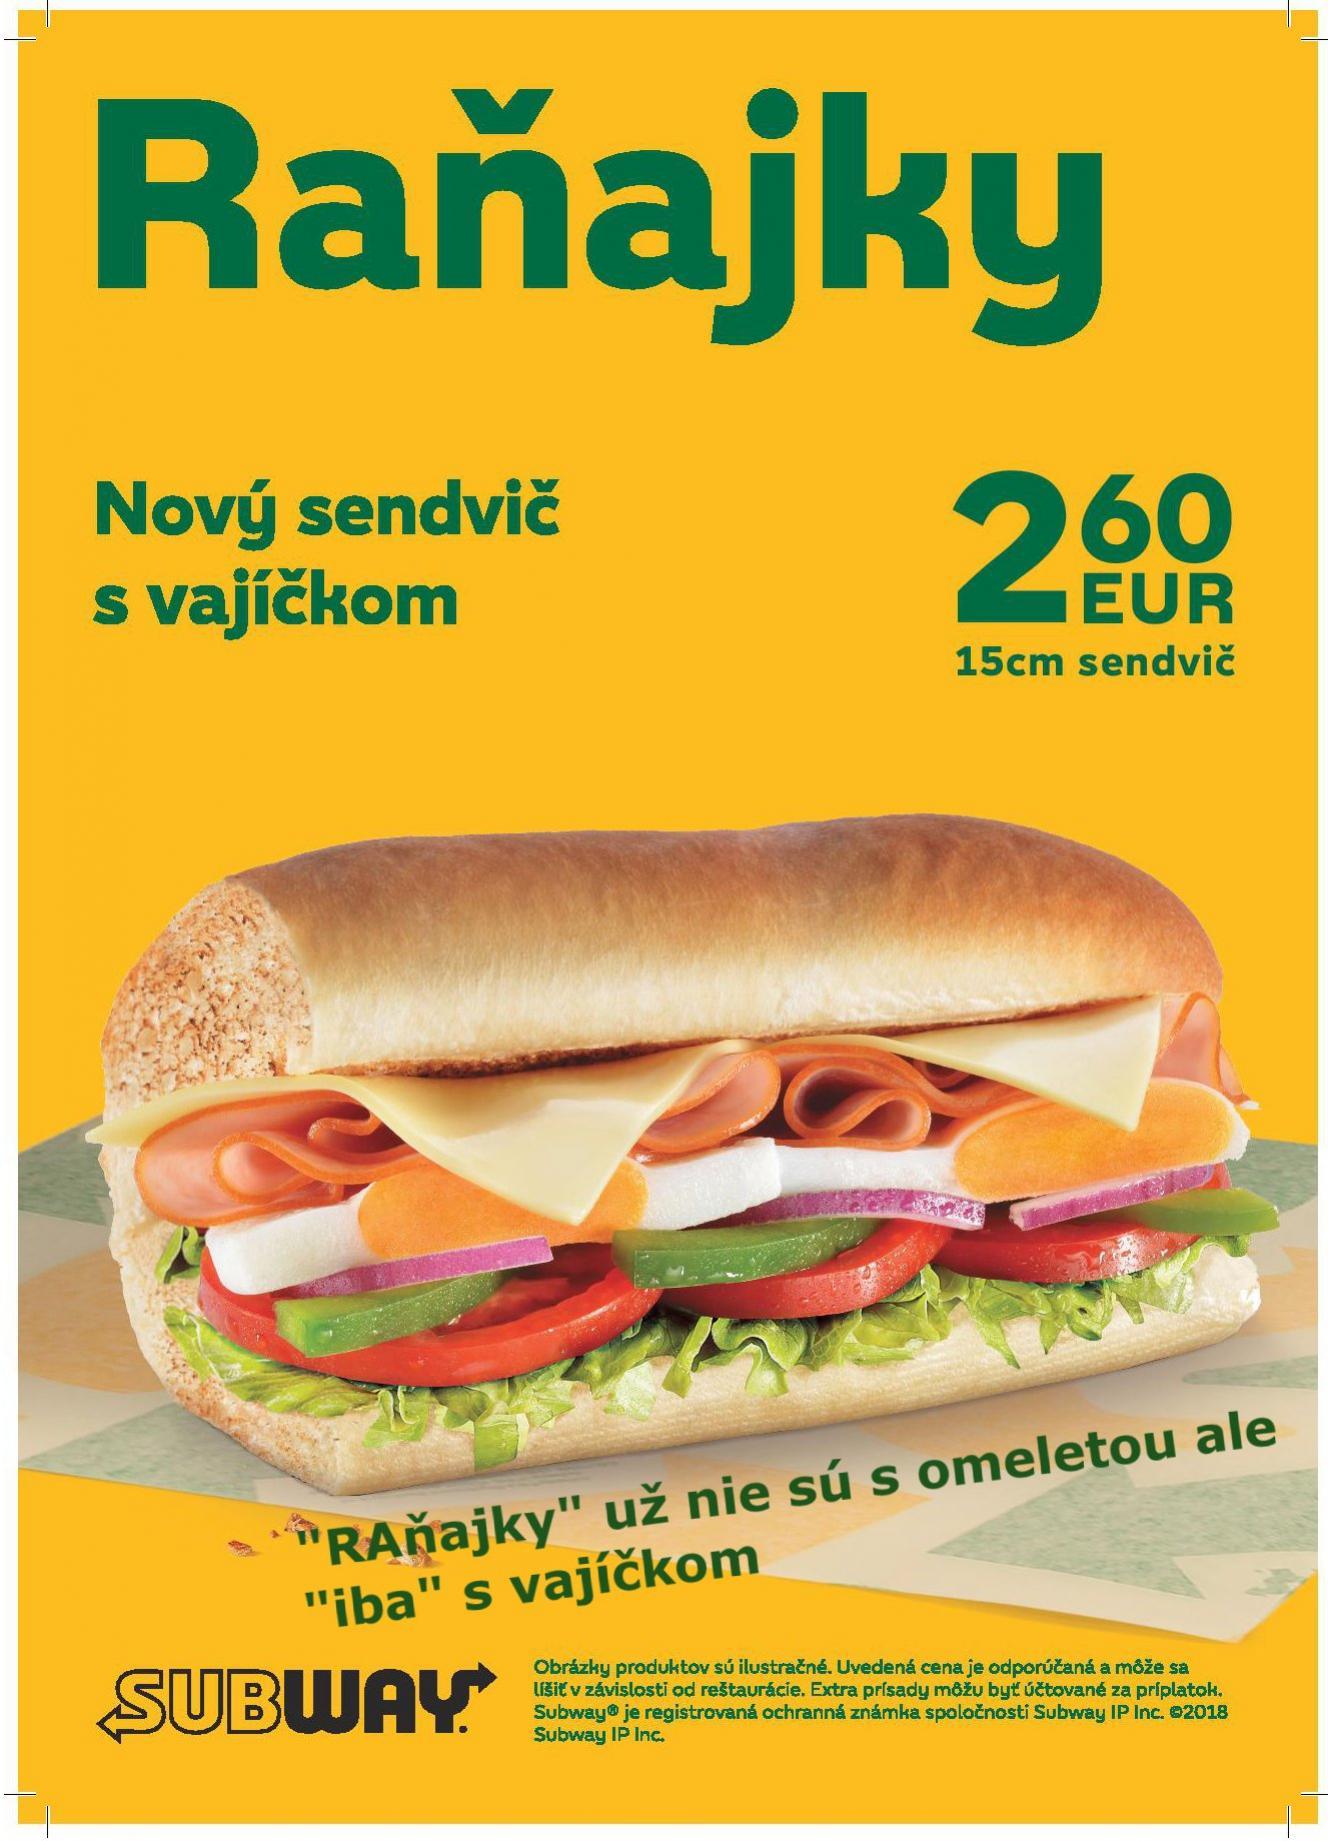 Subway Kynek - ra�ajky s vaj��kom